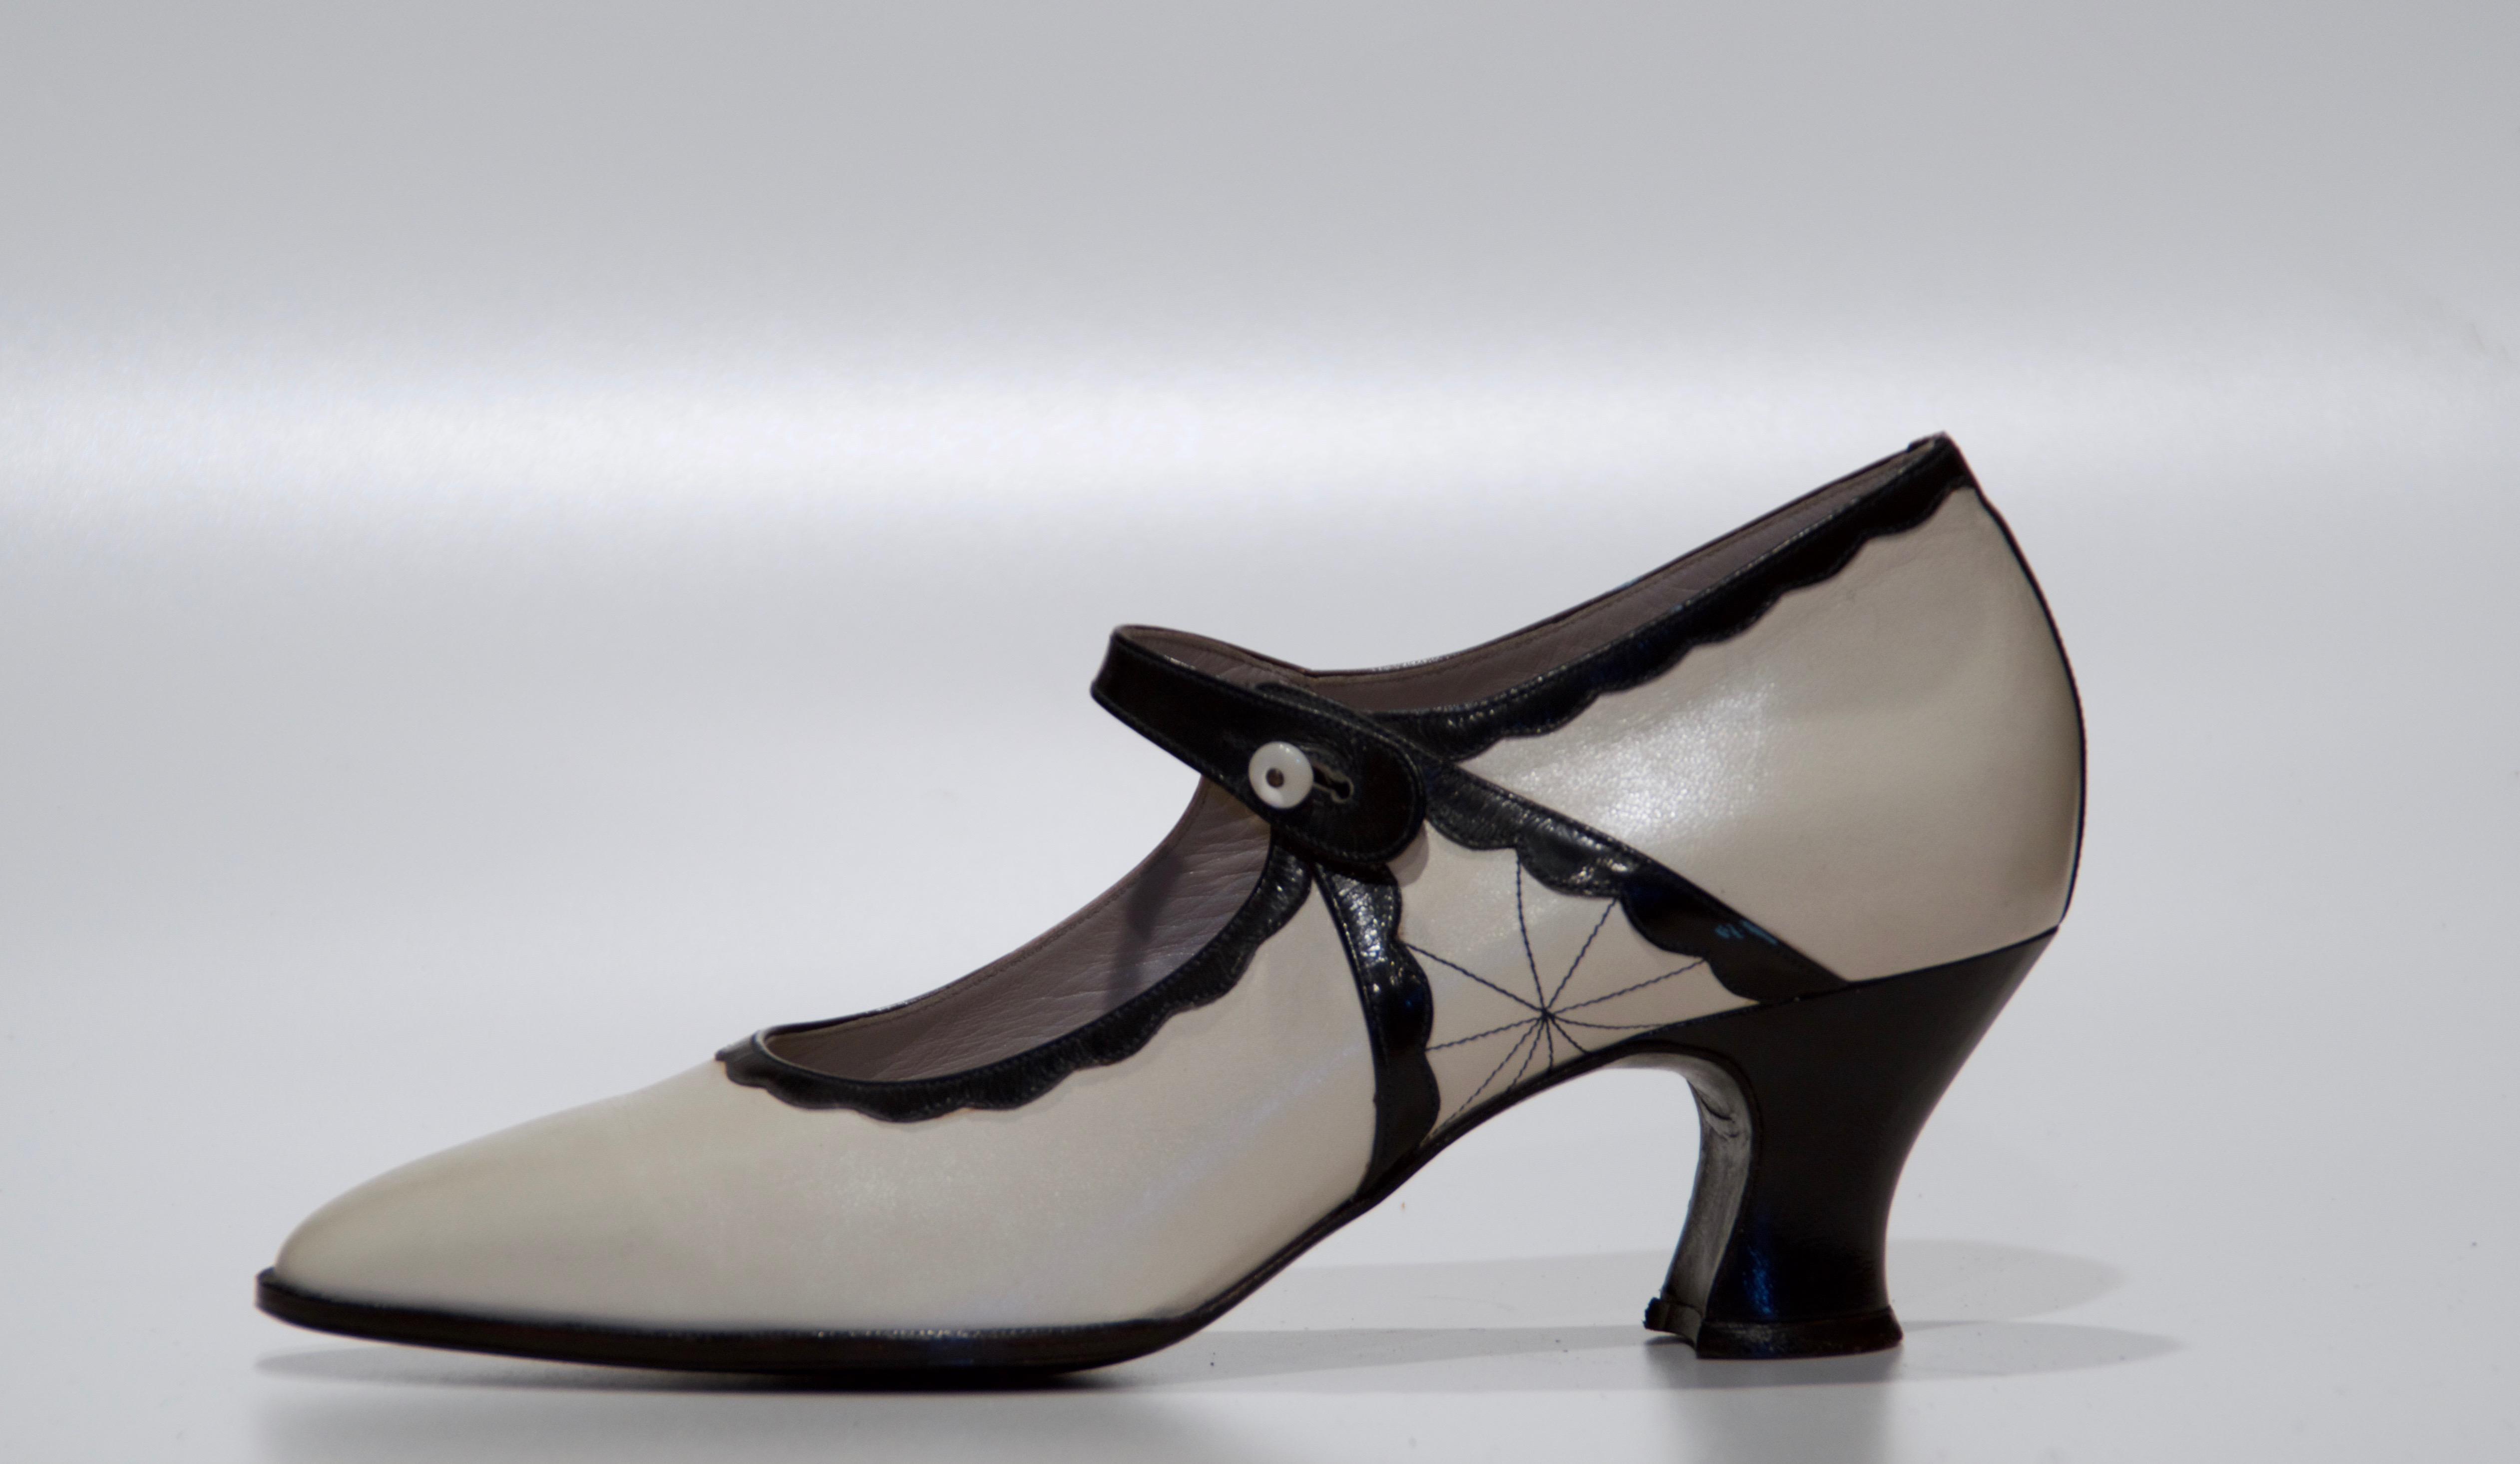 SchuhatelierKudweis_Pumps1930_CremeBlau